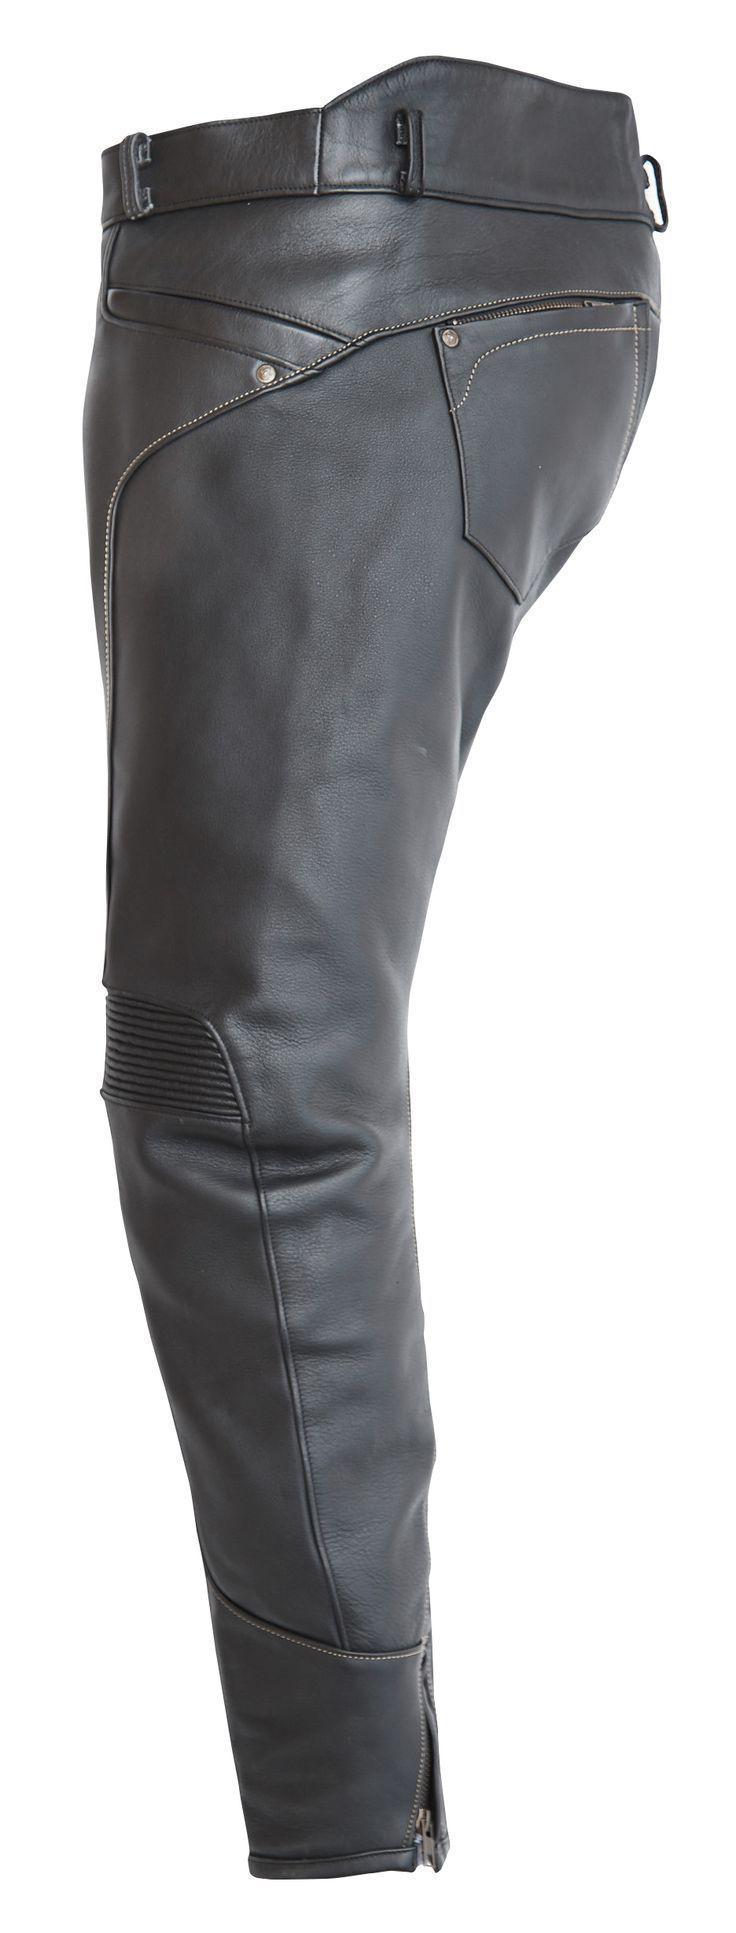 M3 Hosen – # Motorrad Frauen – Motorräder – # Frauen # Hosen # Motorrad #Motorr…